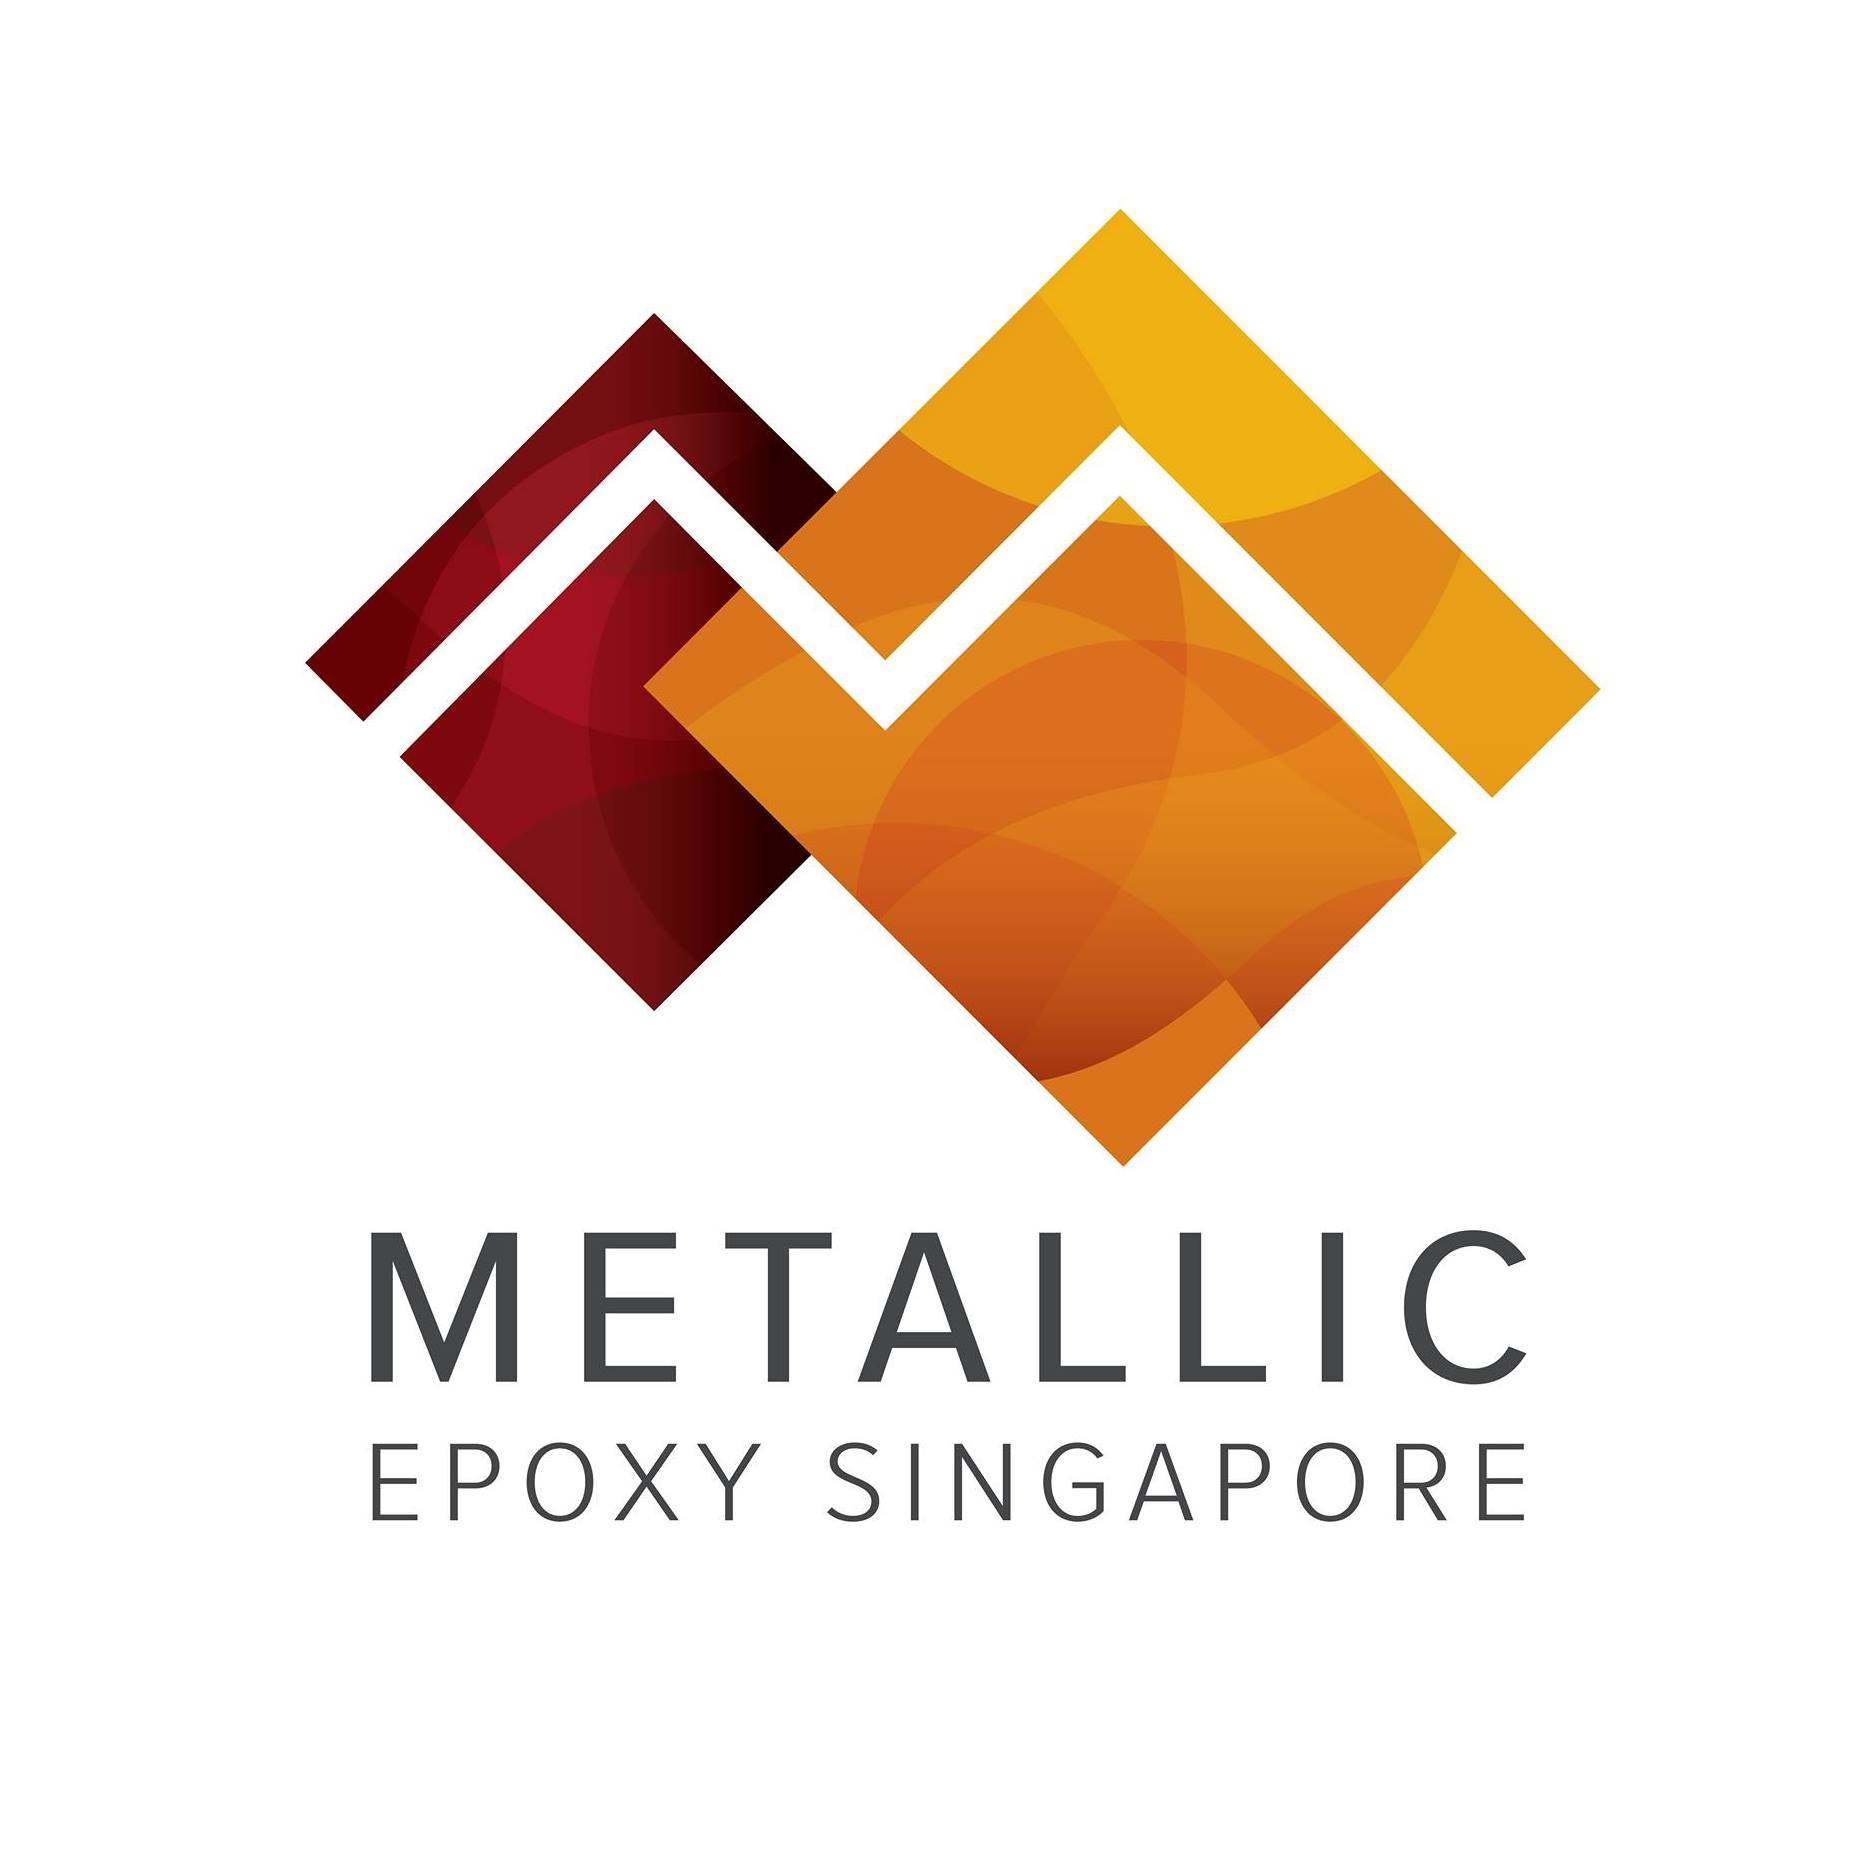 Metallic Epoxy Singapore